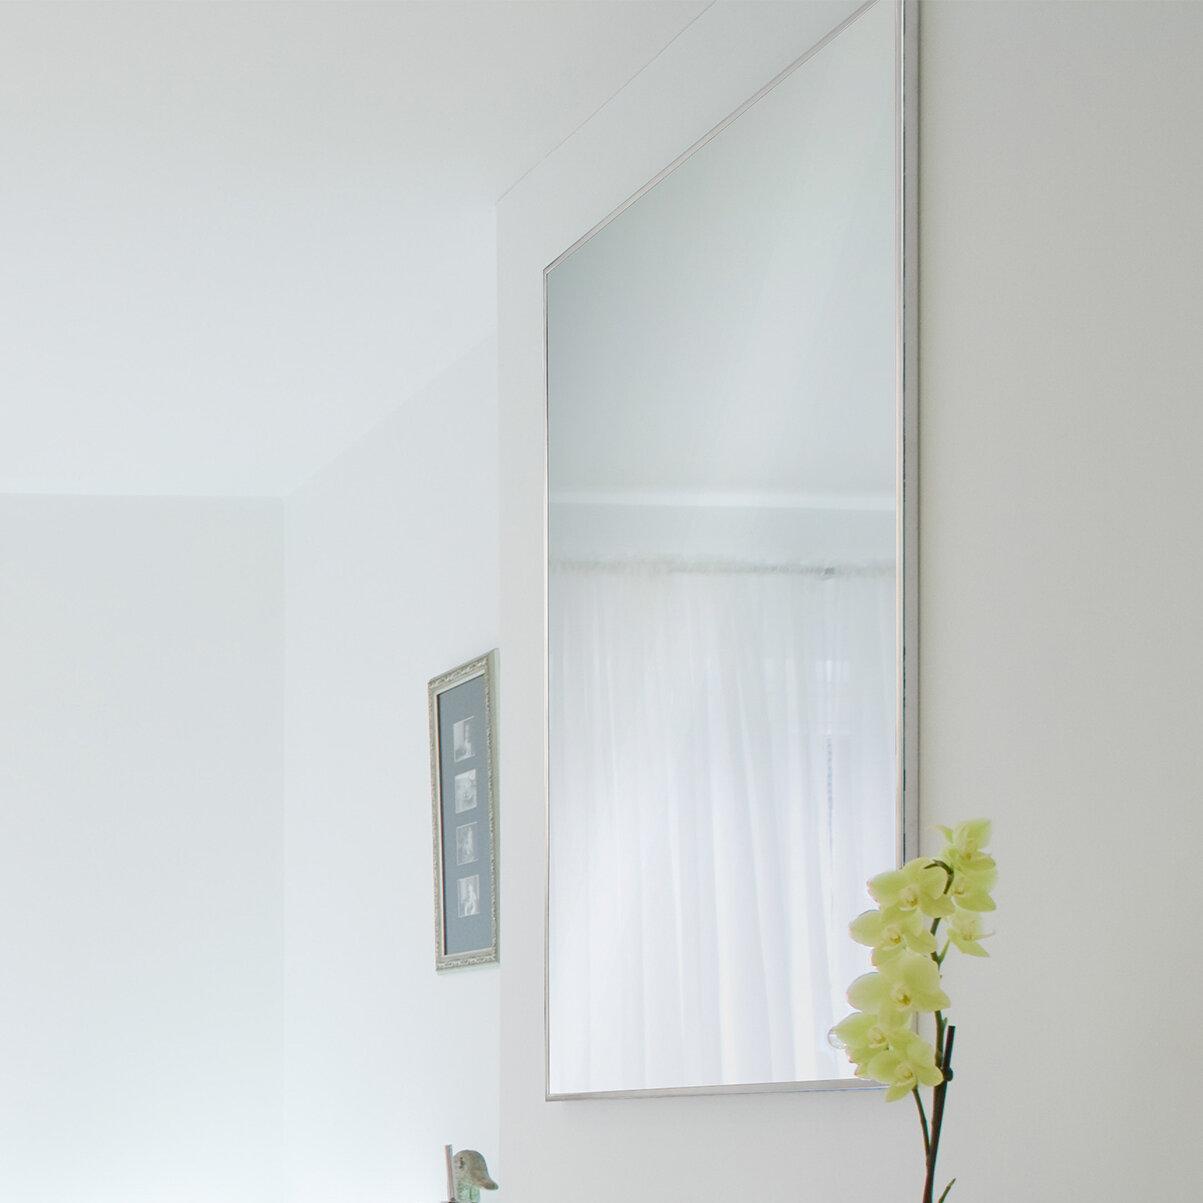 Orren Ellis Framed Rectangular Modern And Contemporary Accent Mirror Wayfair